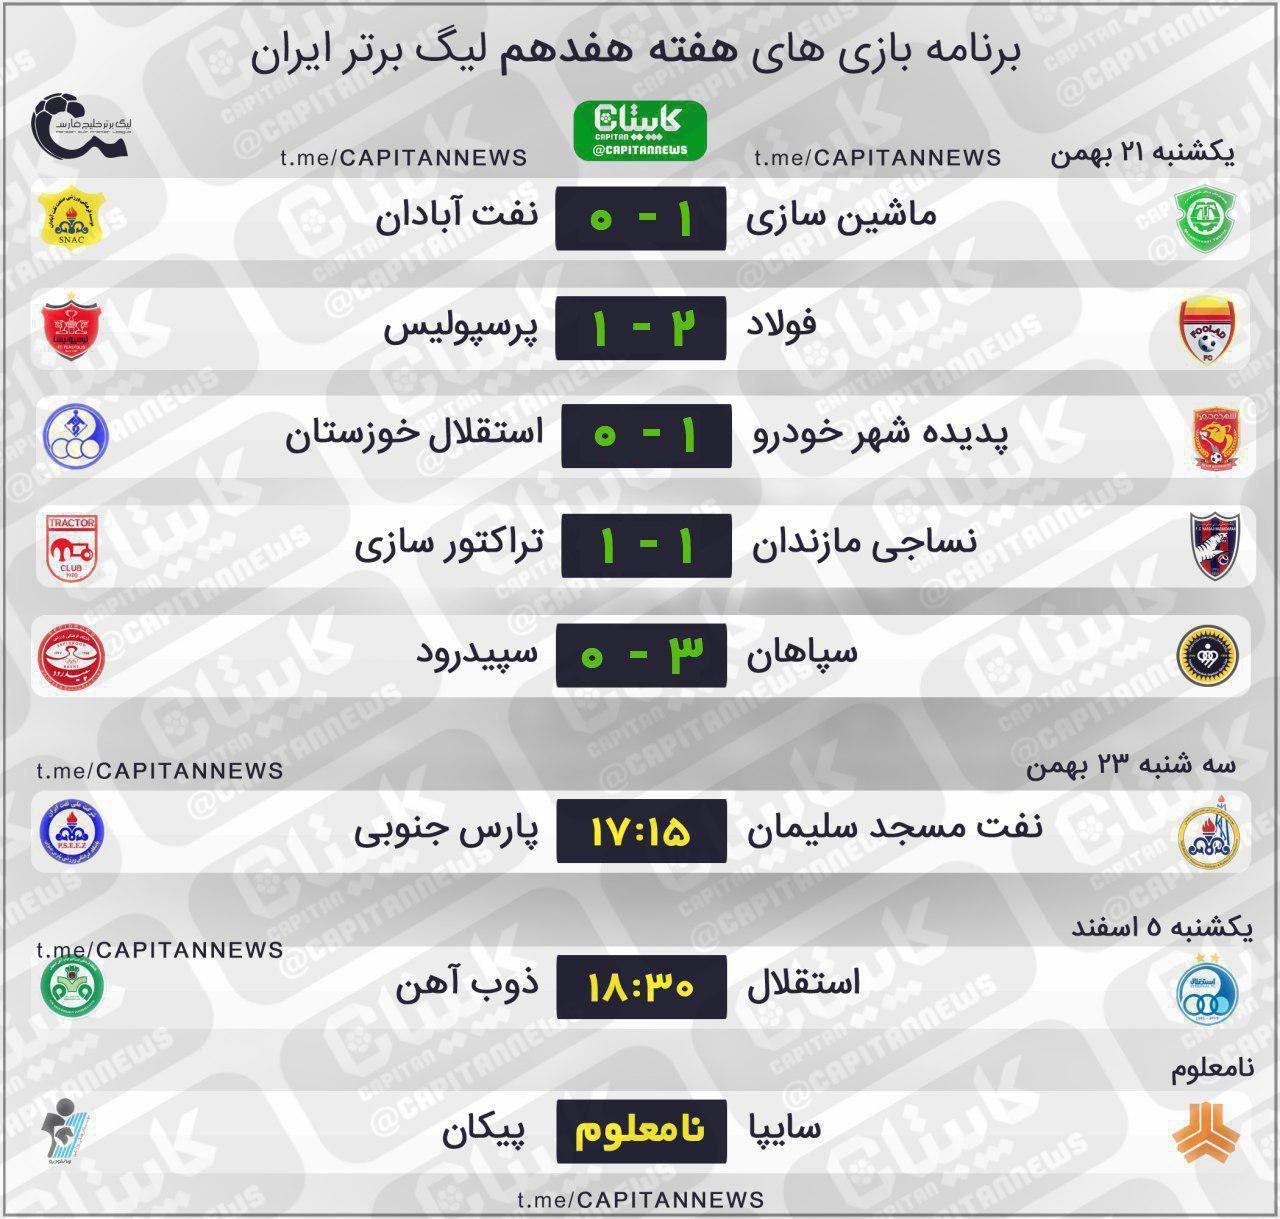 نتایج و برنامه بازیهای باقیمانده هفته هفدهم لیگ برتر ایران